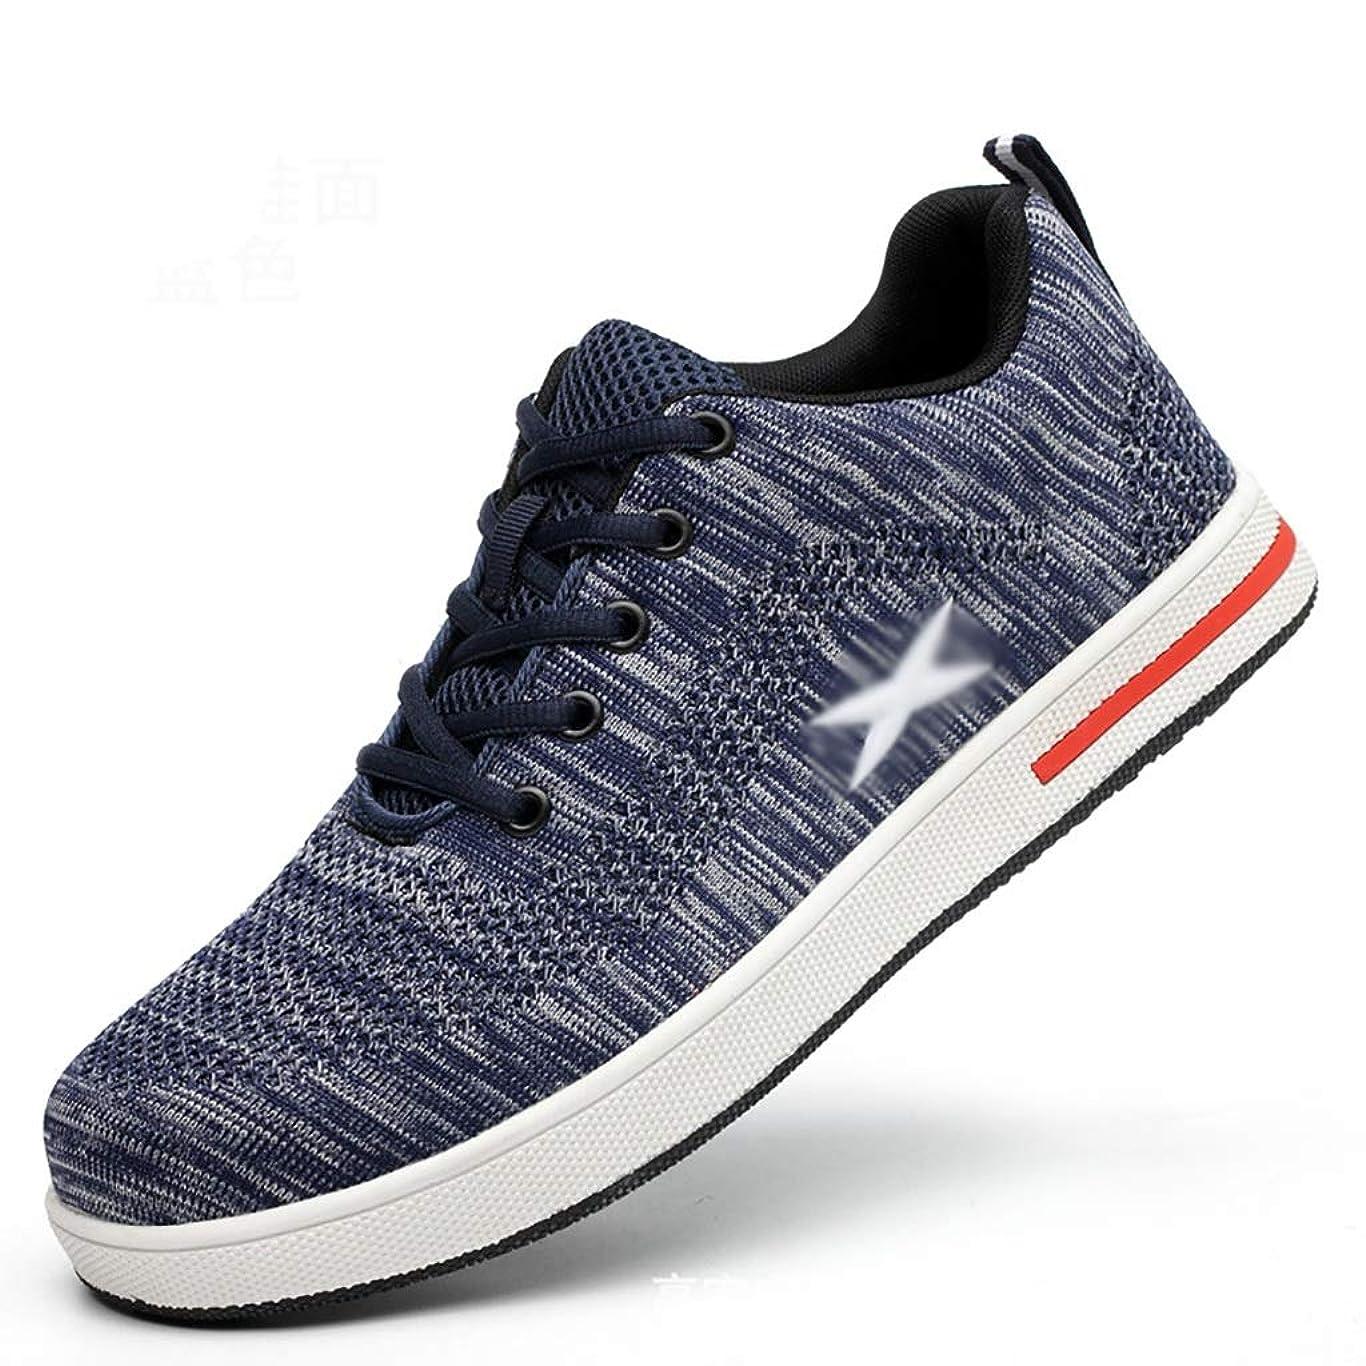 散文衝撃邪魔作業靴 男性と女性のカジュアルスポーツシューズ夏の通気性の快適さ/スチールつま先キャップアンチスマッシュセーフティシューズ/ラバーソール/ハイキングシューズアウトドアウォーキングシューズに適した作業靴 安全靴 (色 : 青, サイズ さいず : 45)